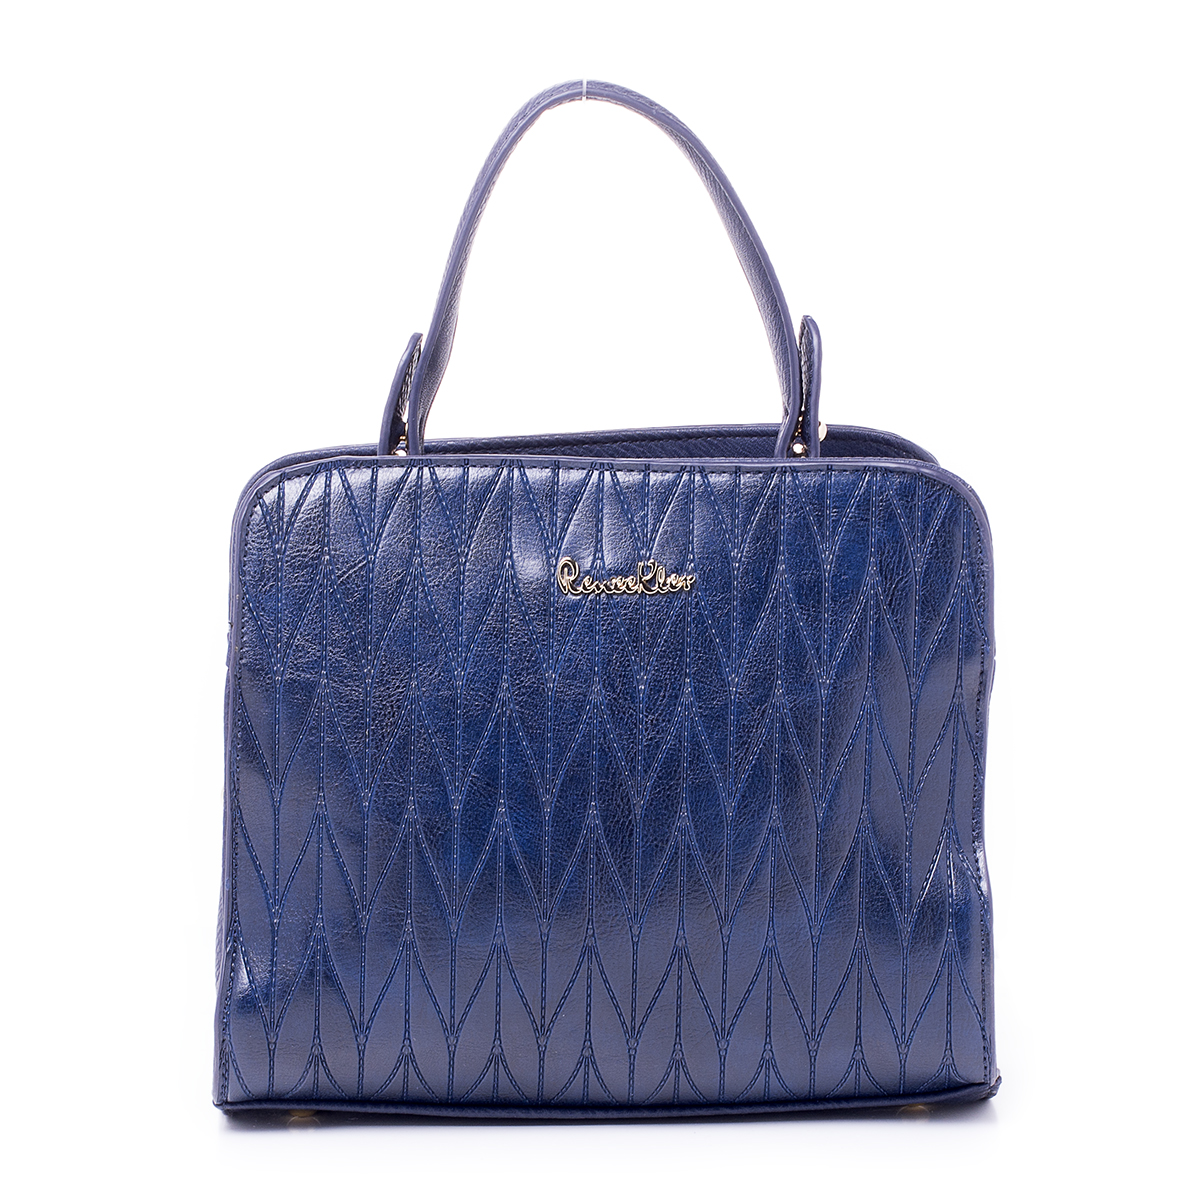 Сумка женская Renee Kler, цвет: темно-синий. RK514-06S76245Сумка Renee Kler, выполненная из высококачественной искусственной кожи, оформлена декоративным тиснением и металлической пластинкой с названием бренда. На тыльной стороне расположен вшитый карман на молнии. Сумка имеет одну ручку и съемный плечевой ремень, длина которого регулируется с помощью пряжки. Также сумка оснащена металлическими ножками, которые предотвратят повреждение дна сумки. Изделие закрывается с помощью застежки-молнии. Внутри расположено два отделения, которые содержат дванакладных открытых кармана для телефона и мелочей и один вшитый карман на молнии.В комплект входит чехол для хранения изделия.